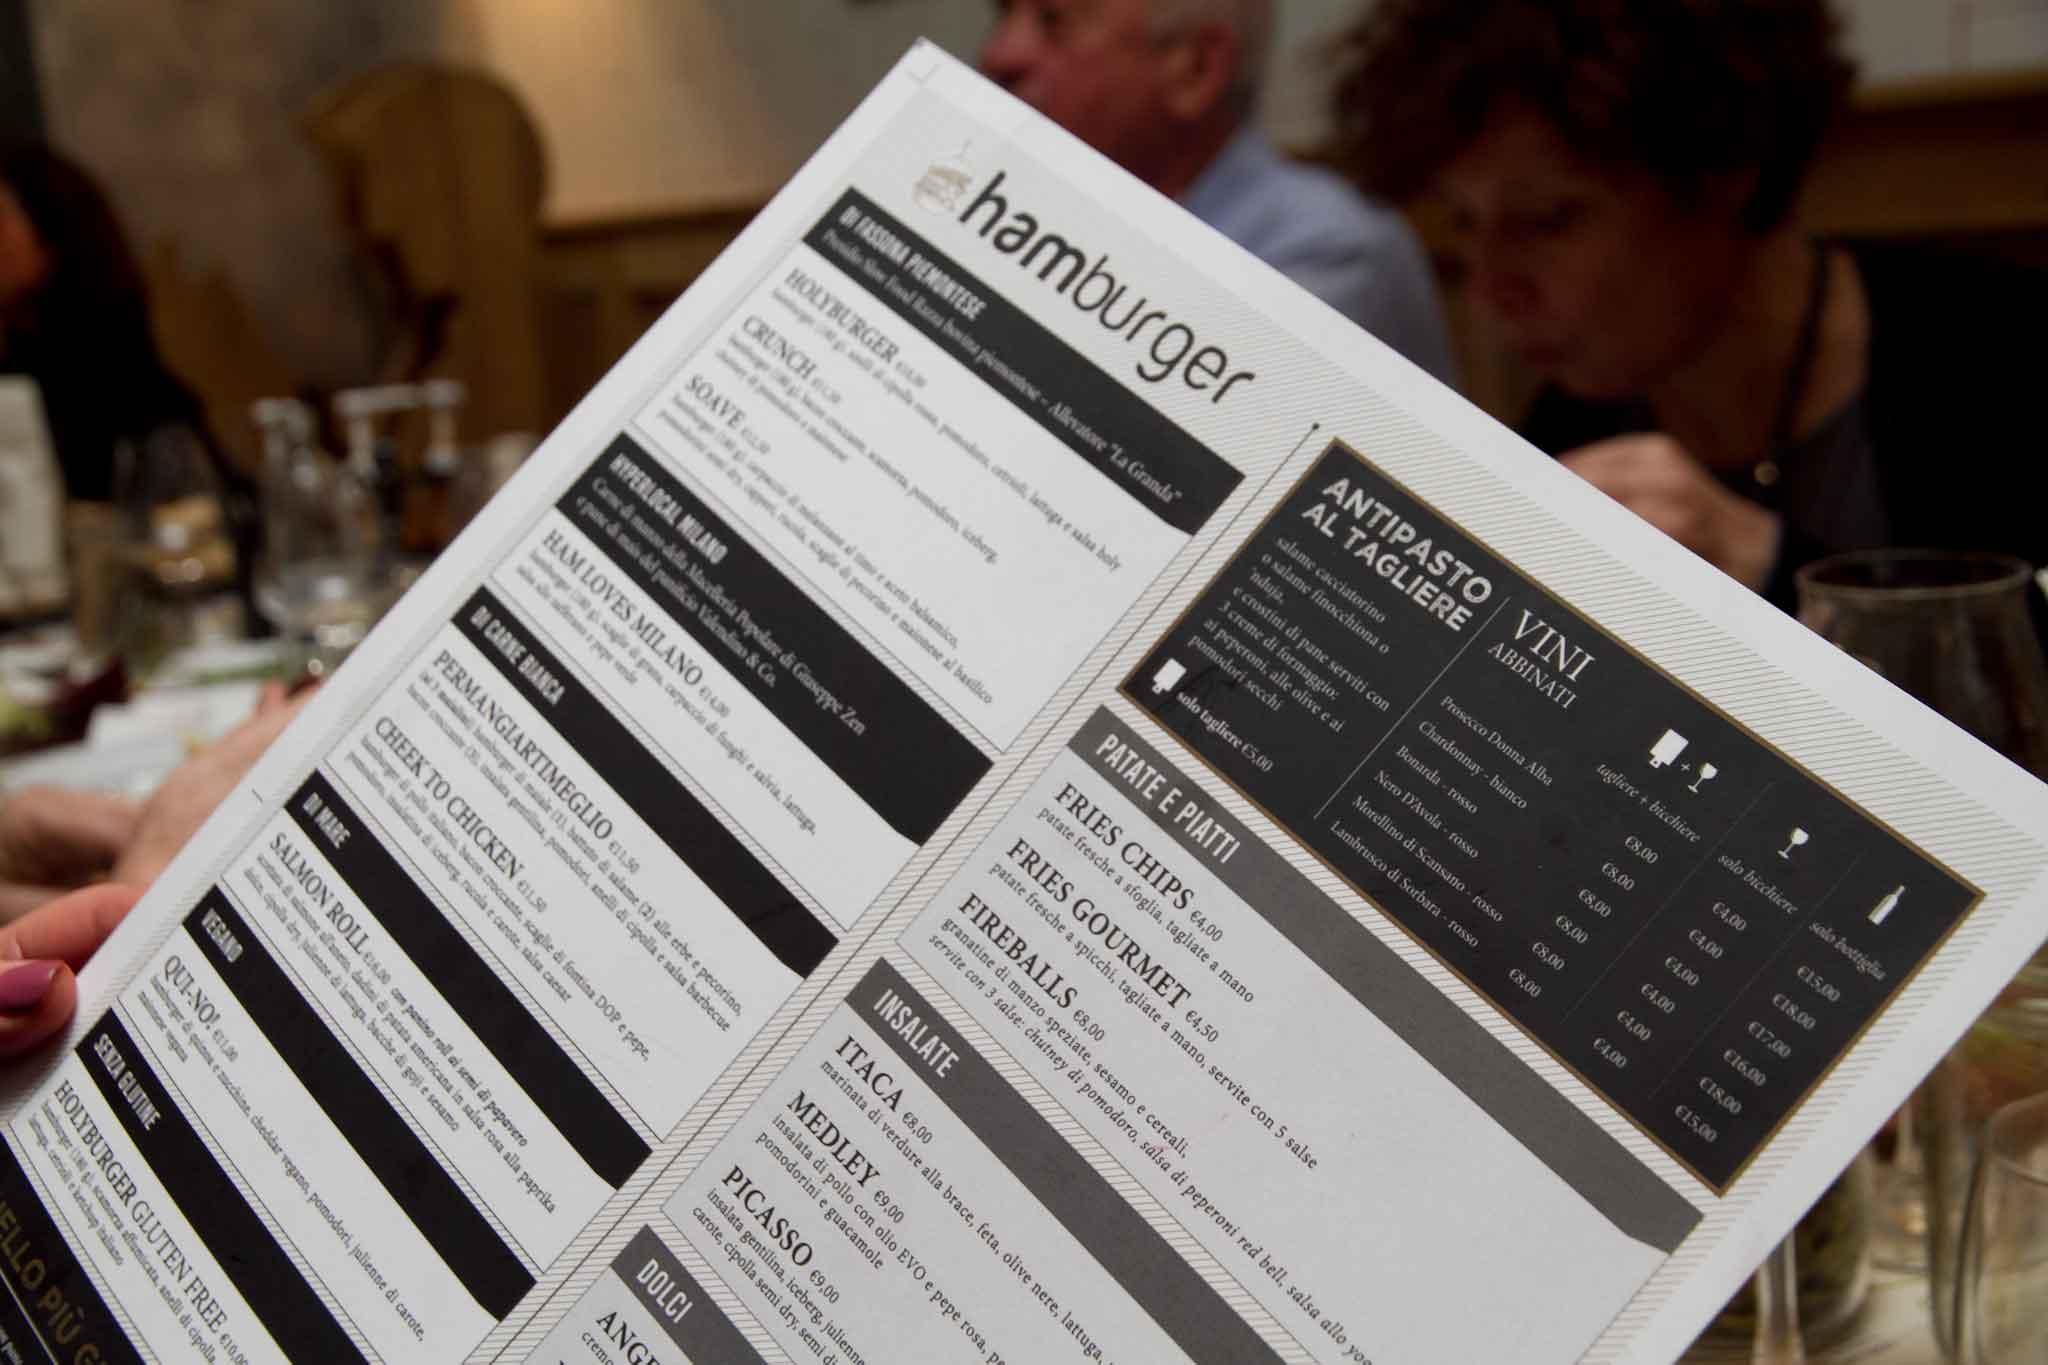 ham-holy-burger-menu